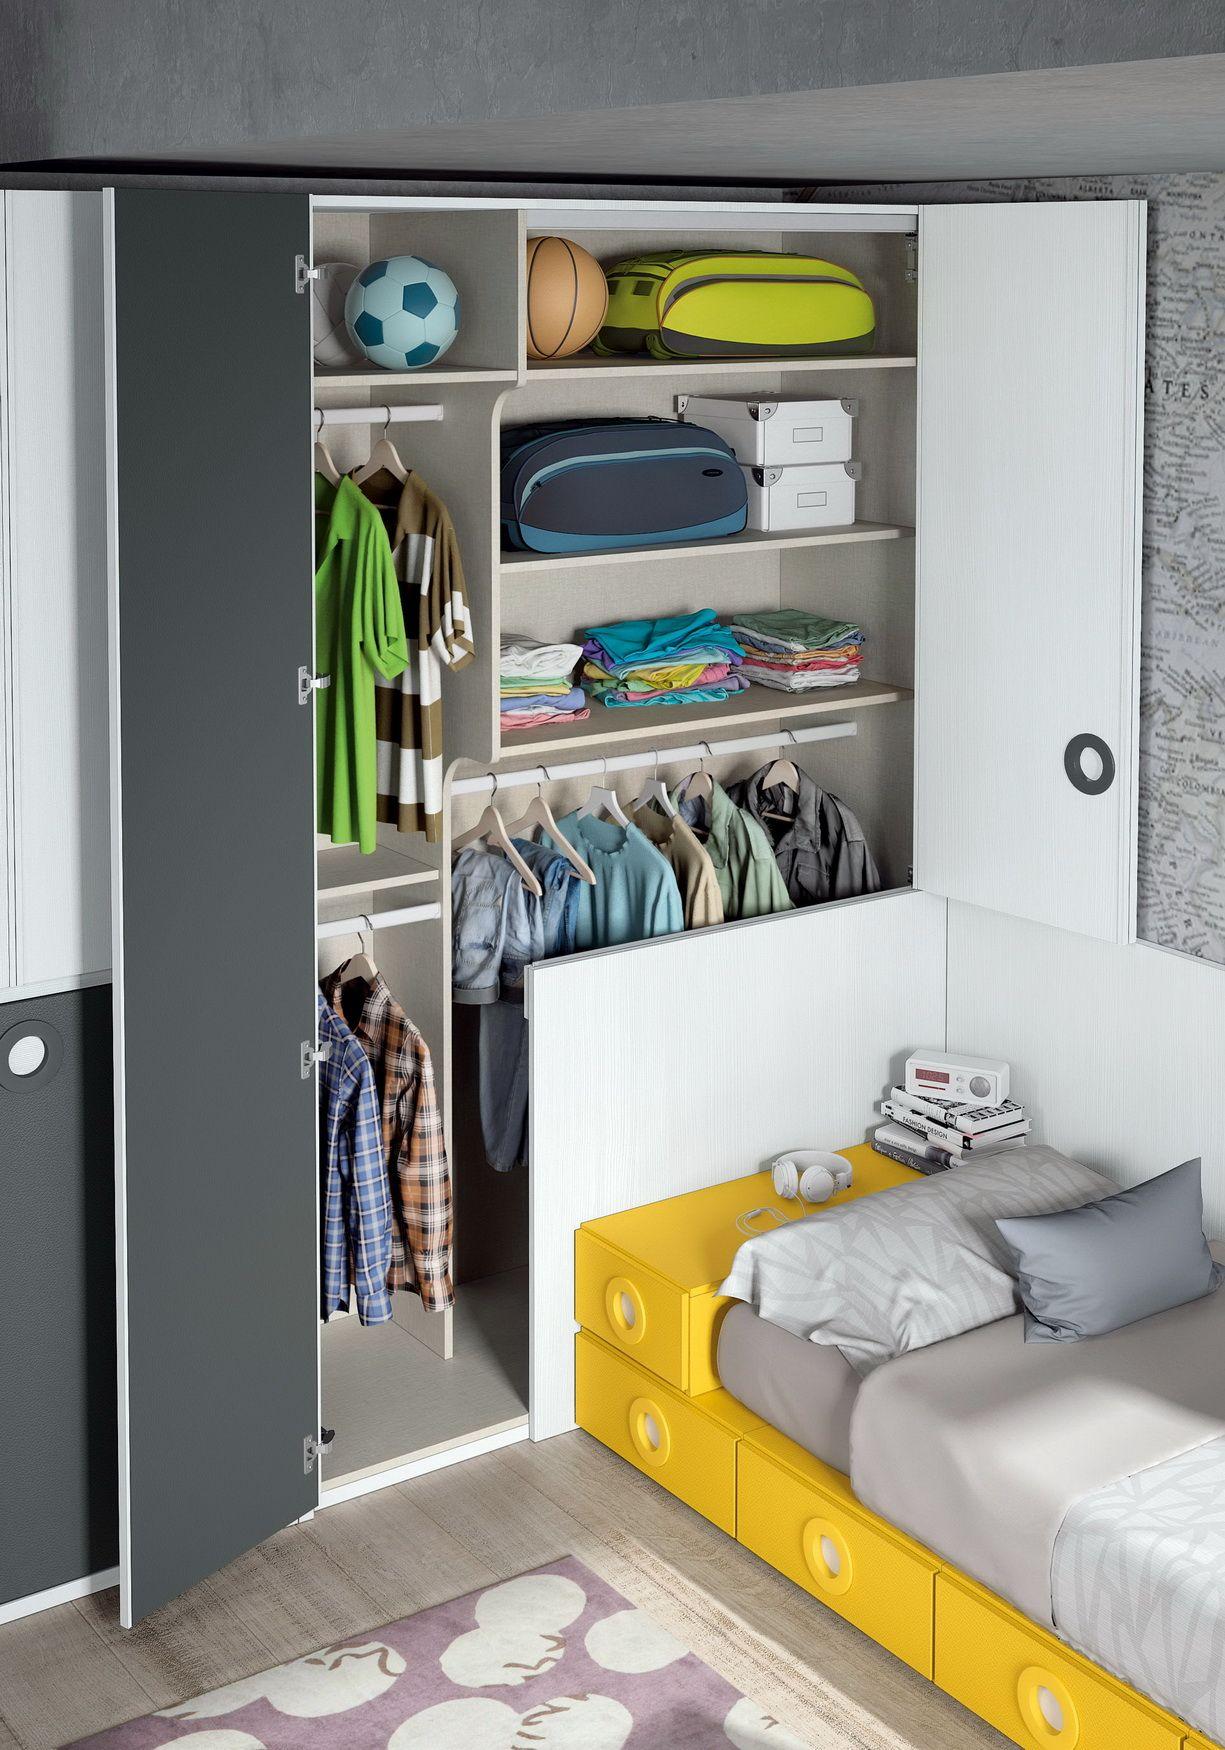 Catalogo Style De Habitaciones Infantiles Y Juveniles De La Marca Montes Design De V Muebles Habitacion Juvenil Habitaciones Infantiles Habitaciones Juveniles